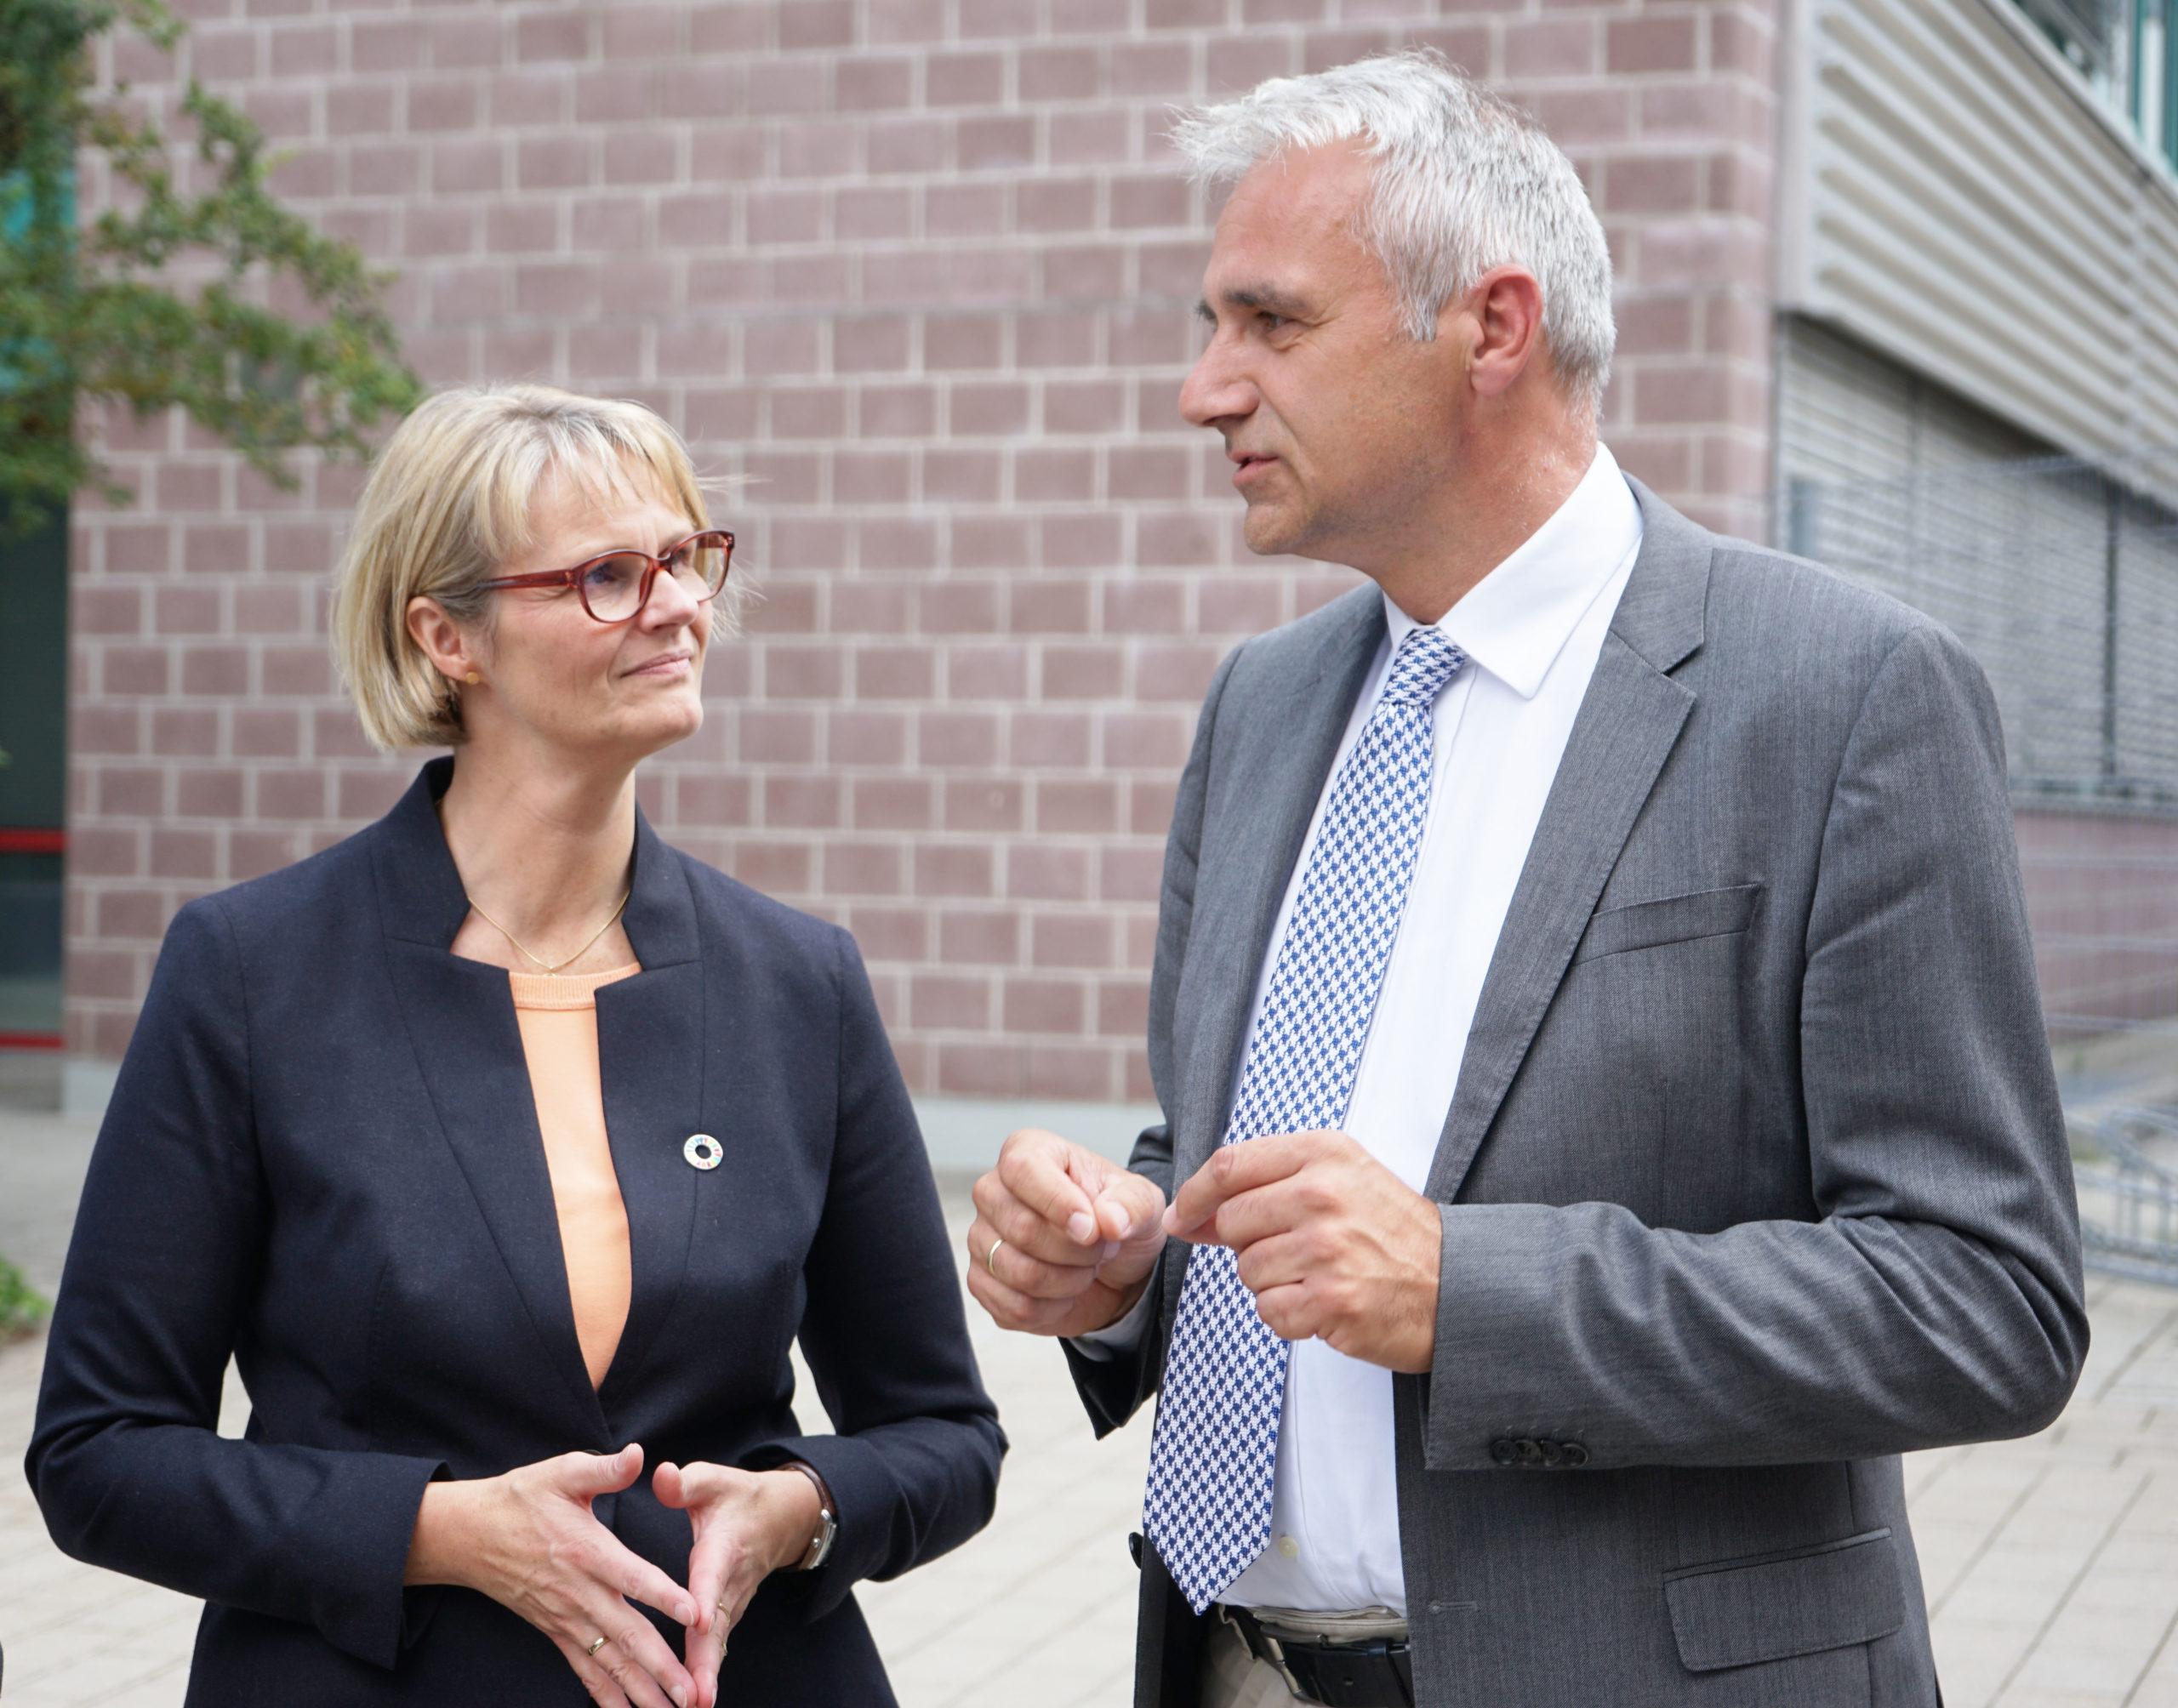 Bildungsministerin Anja Karliczek hat im Juli 2019 das WBZU besucht und sich mit Dr. Tobias Mehlich, Hauptgeschäftsführer der Handwerkskammer Ulm, über die handwerkliche Bildung der Zukunft ausgetauscht. Foto: Handwerkskammer Ulm